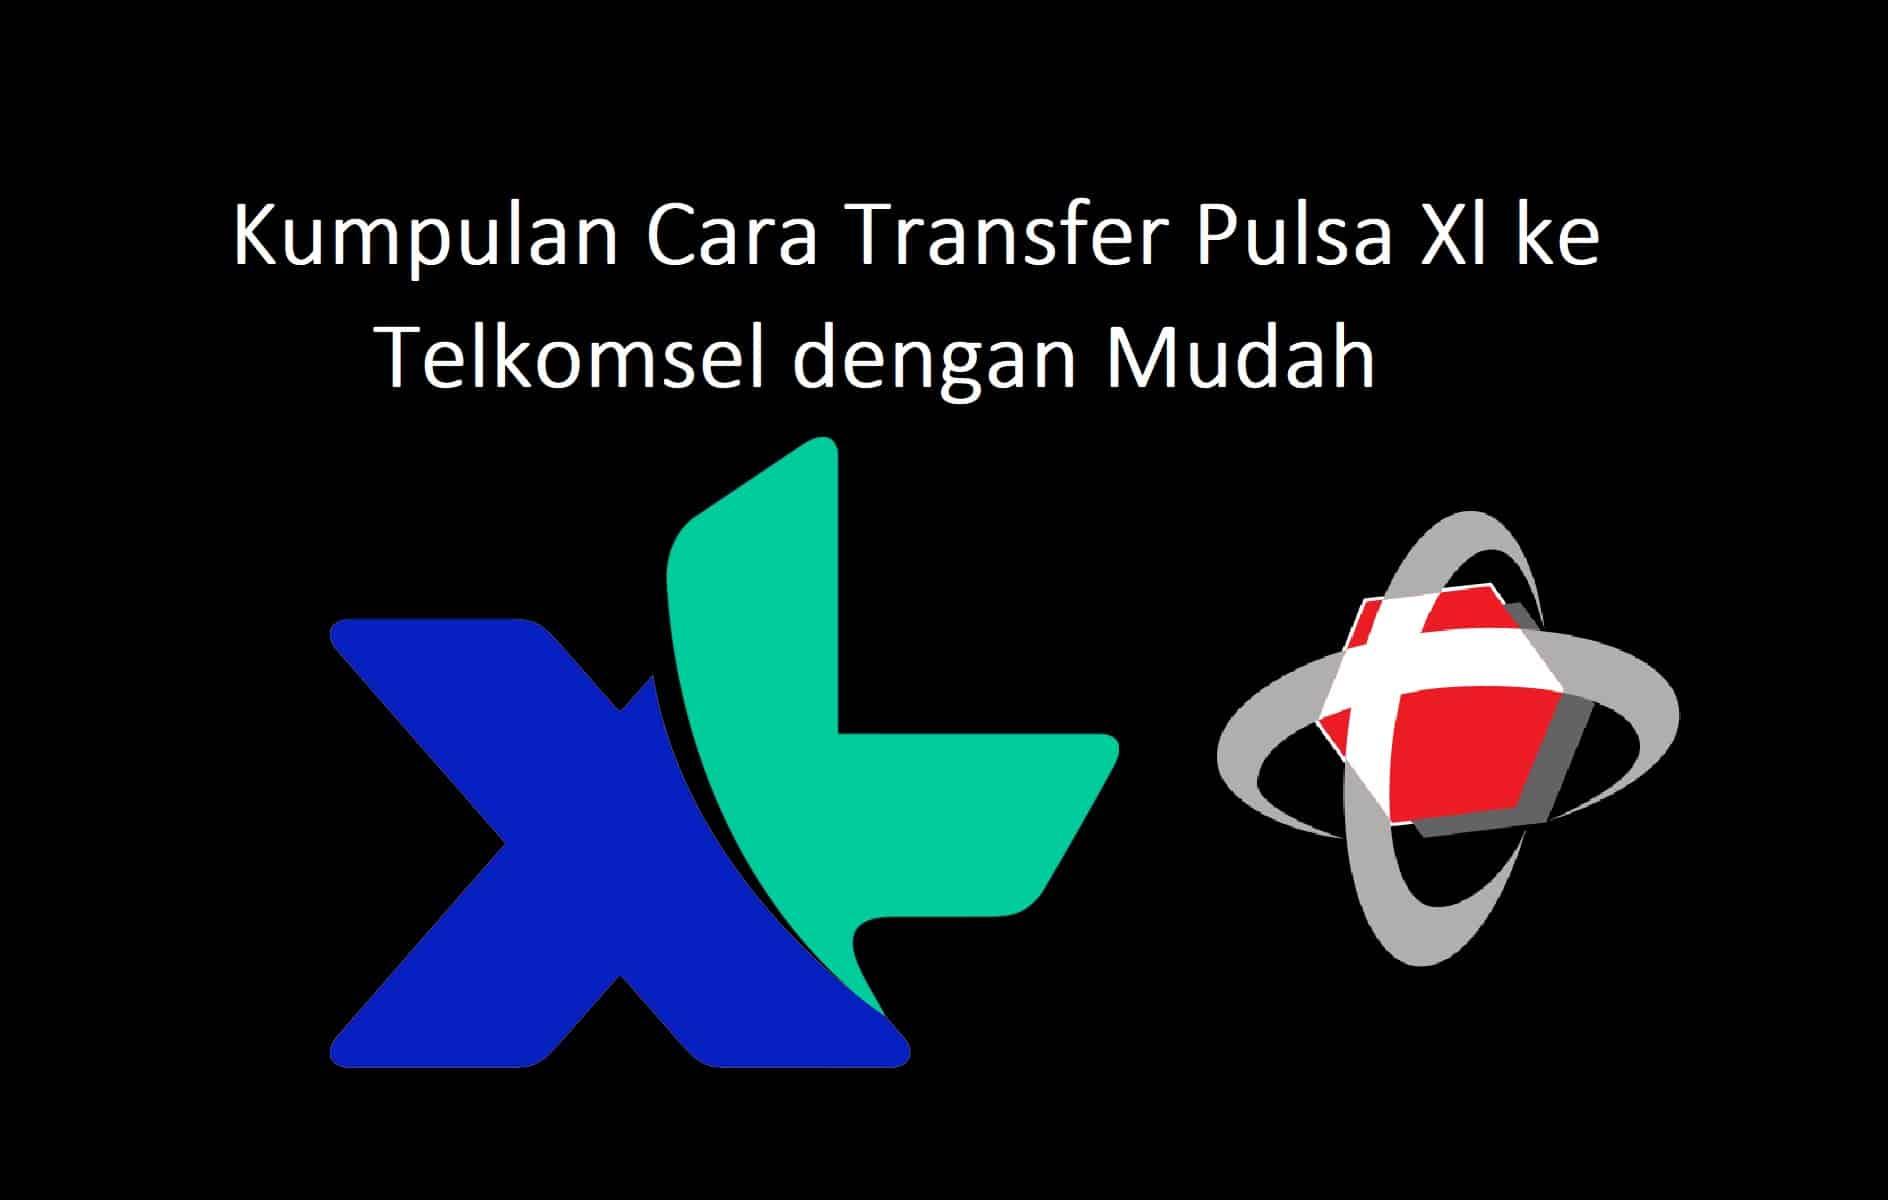 Kumpulan Cara Transfer Pulsa Xl Ke Telkomsel Dengan Mudah 100 Work